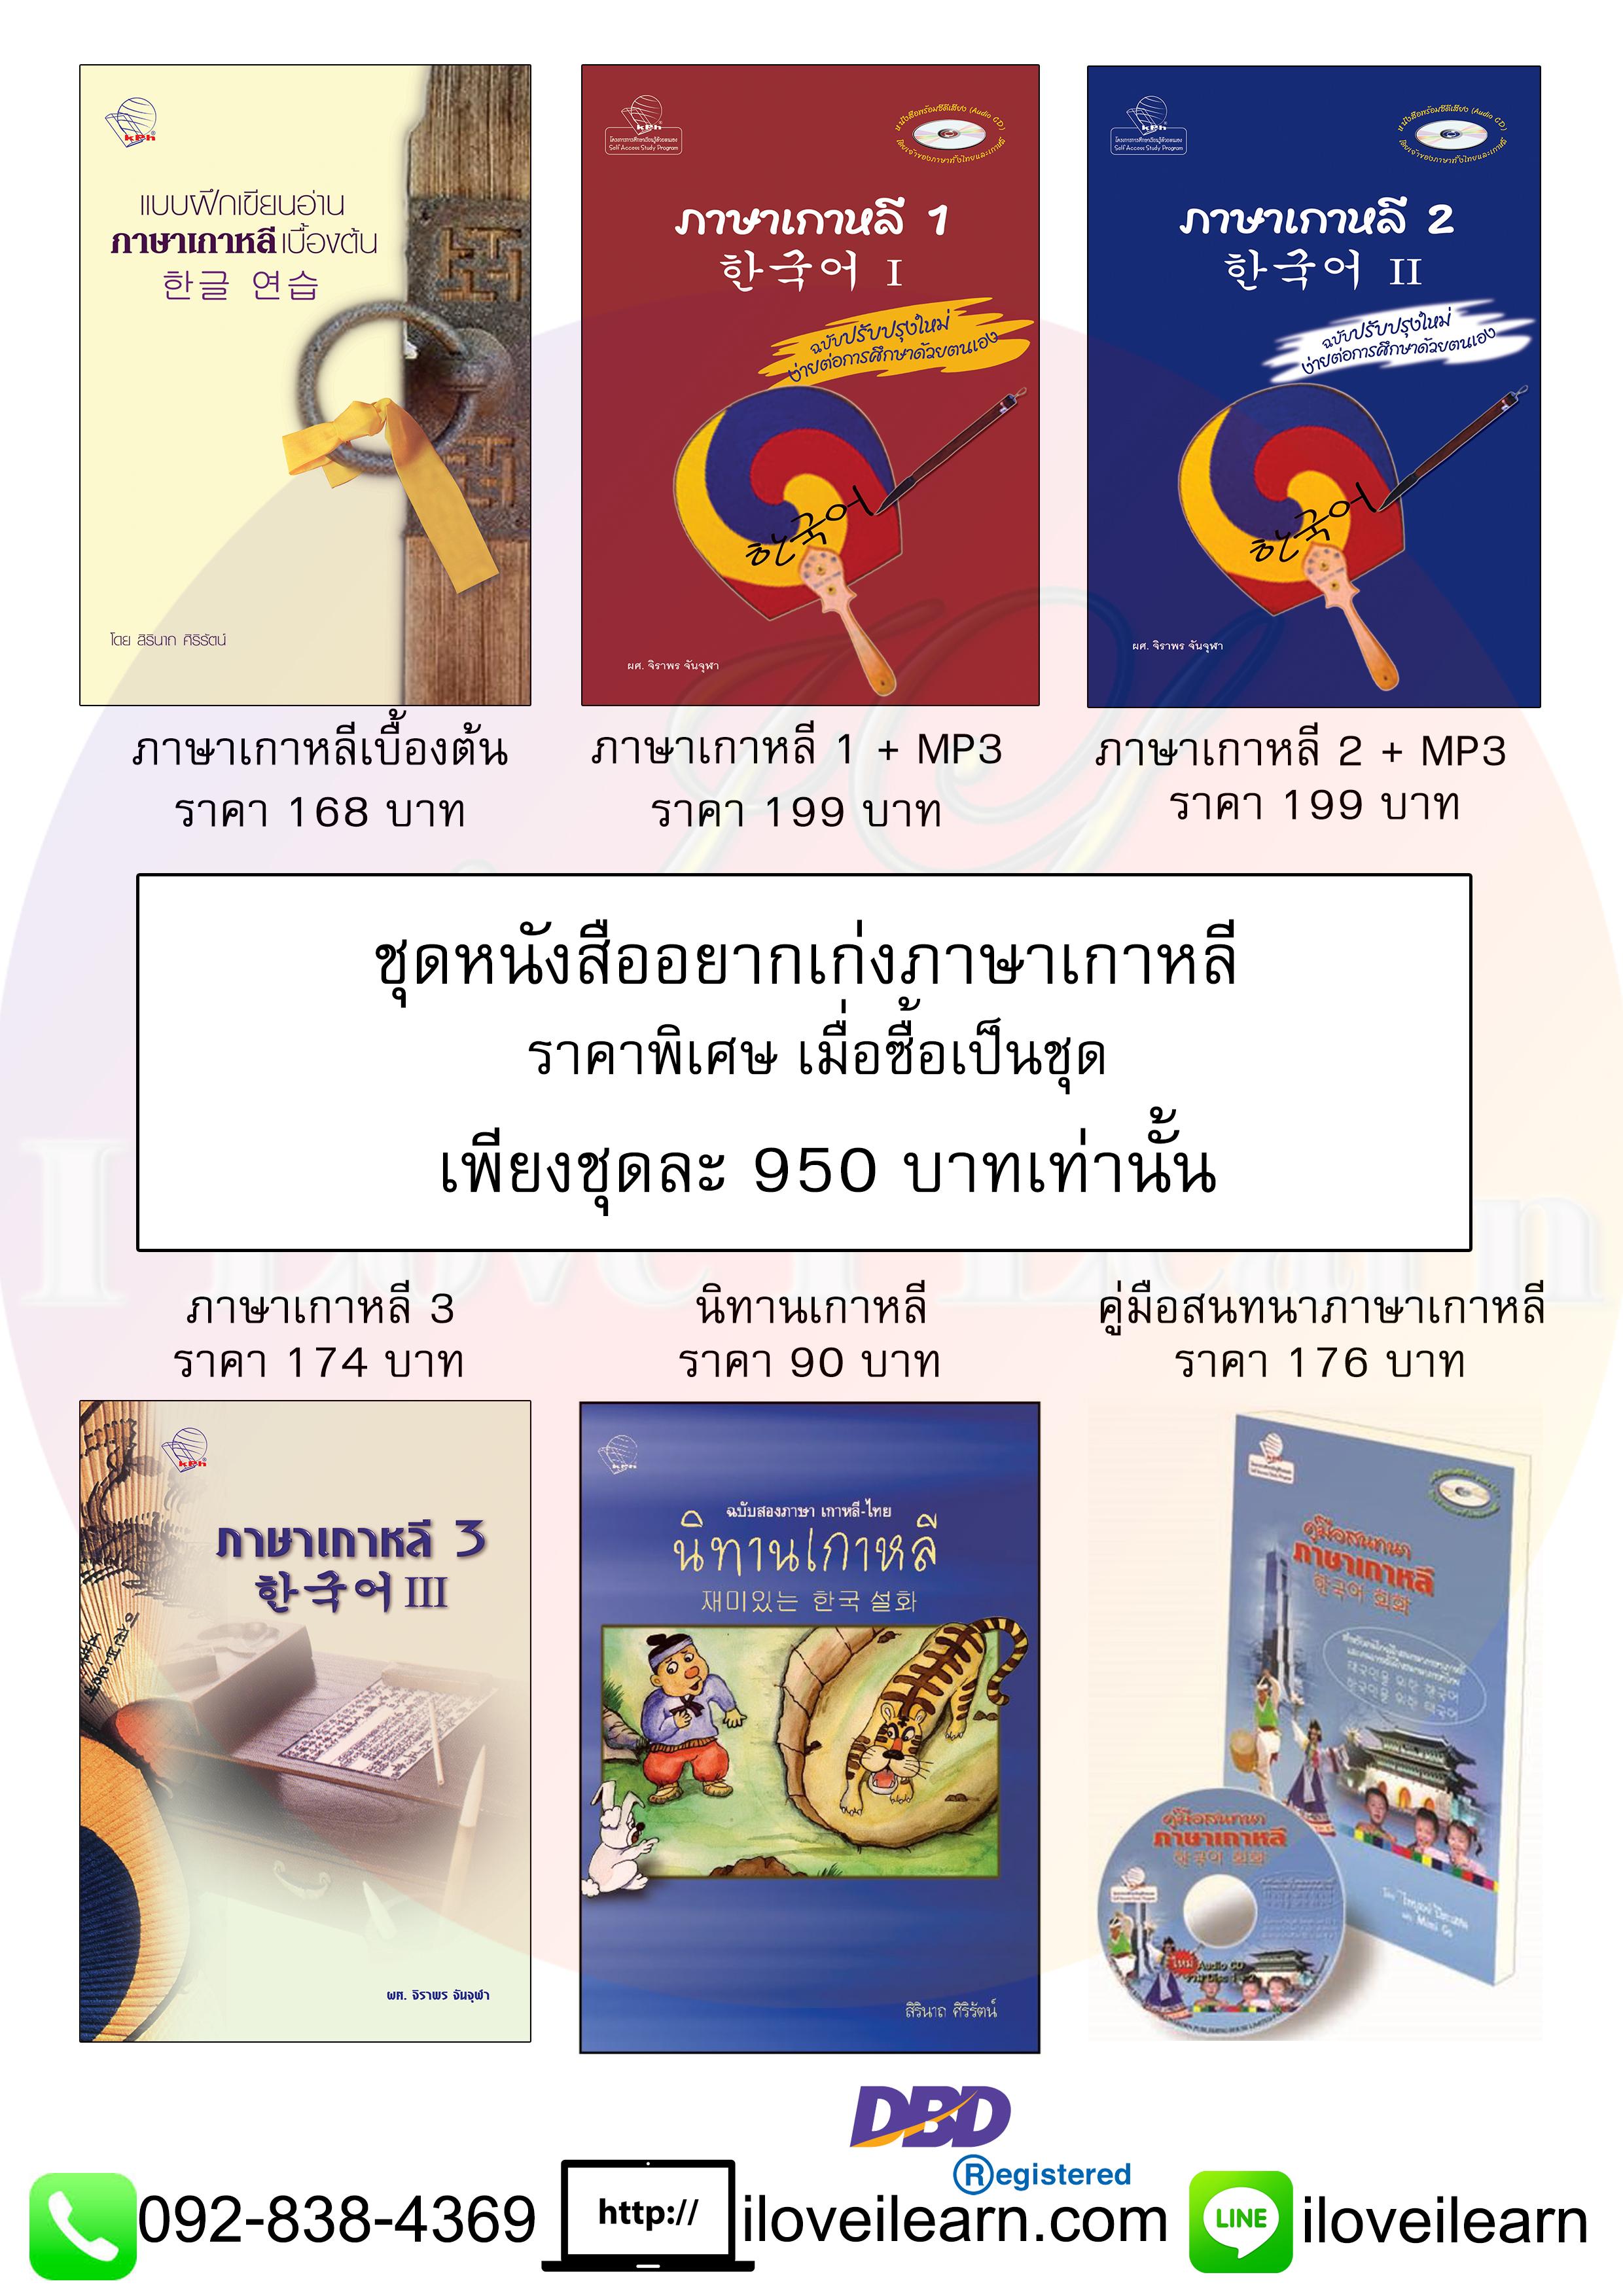 ชุดหนังสืออยากเก่งภาษาเกาหลี